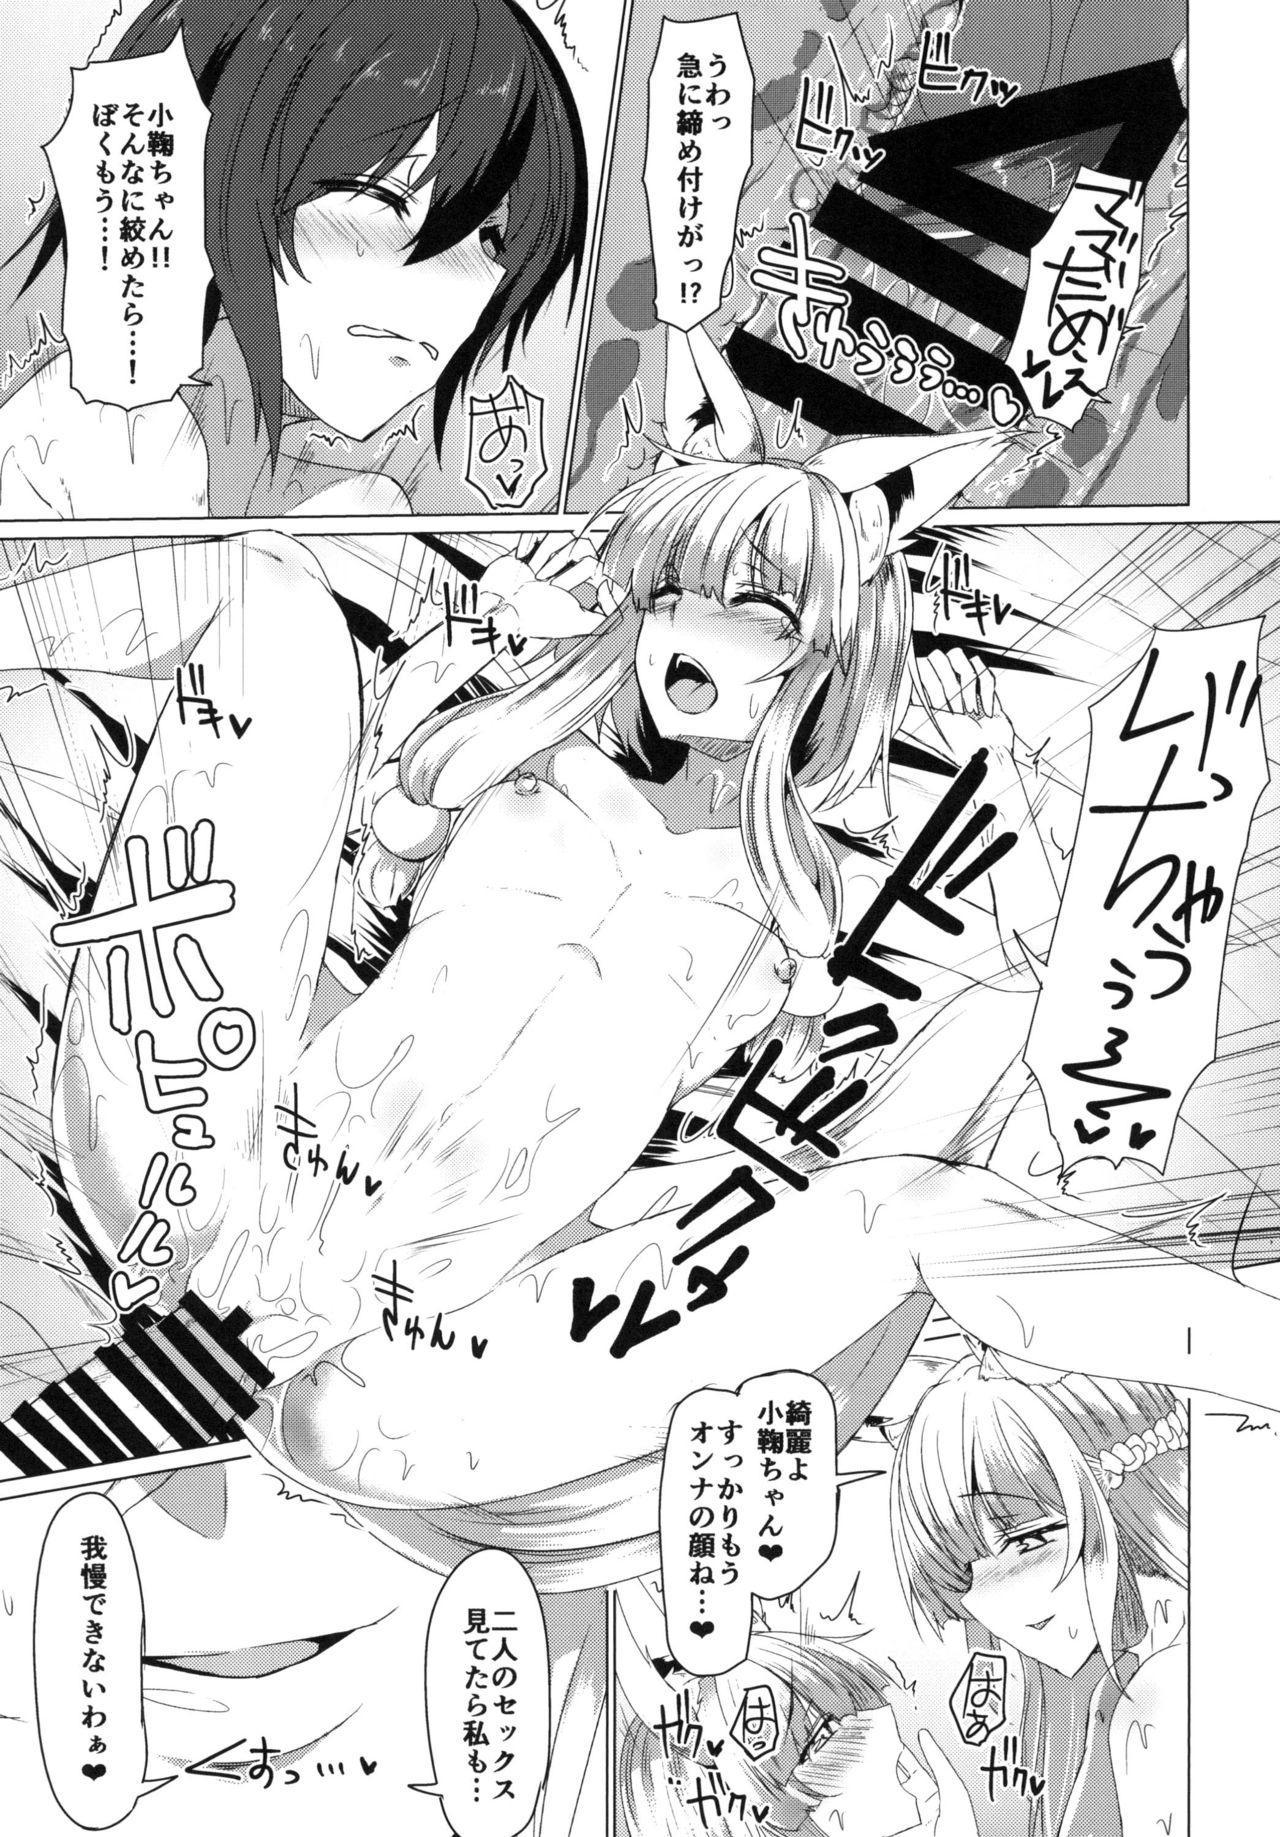 Kitsune no Oyako ni Goyoujin! 14